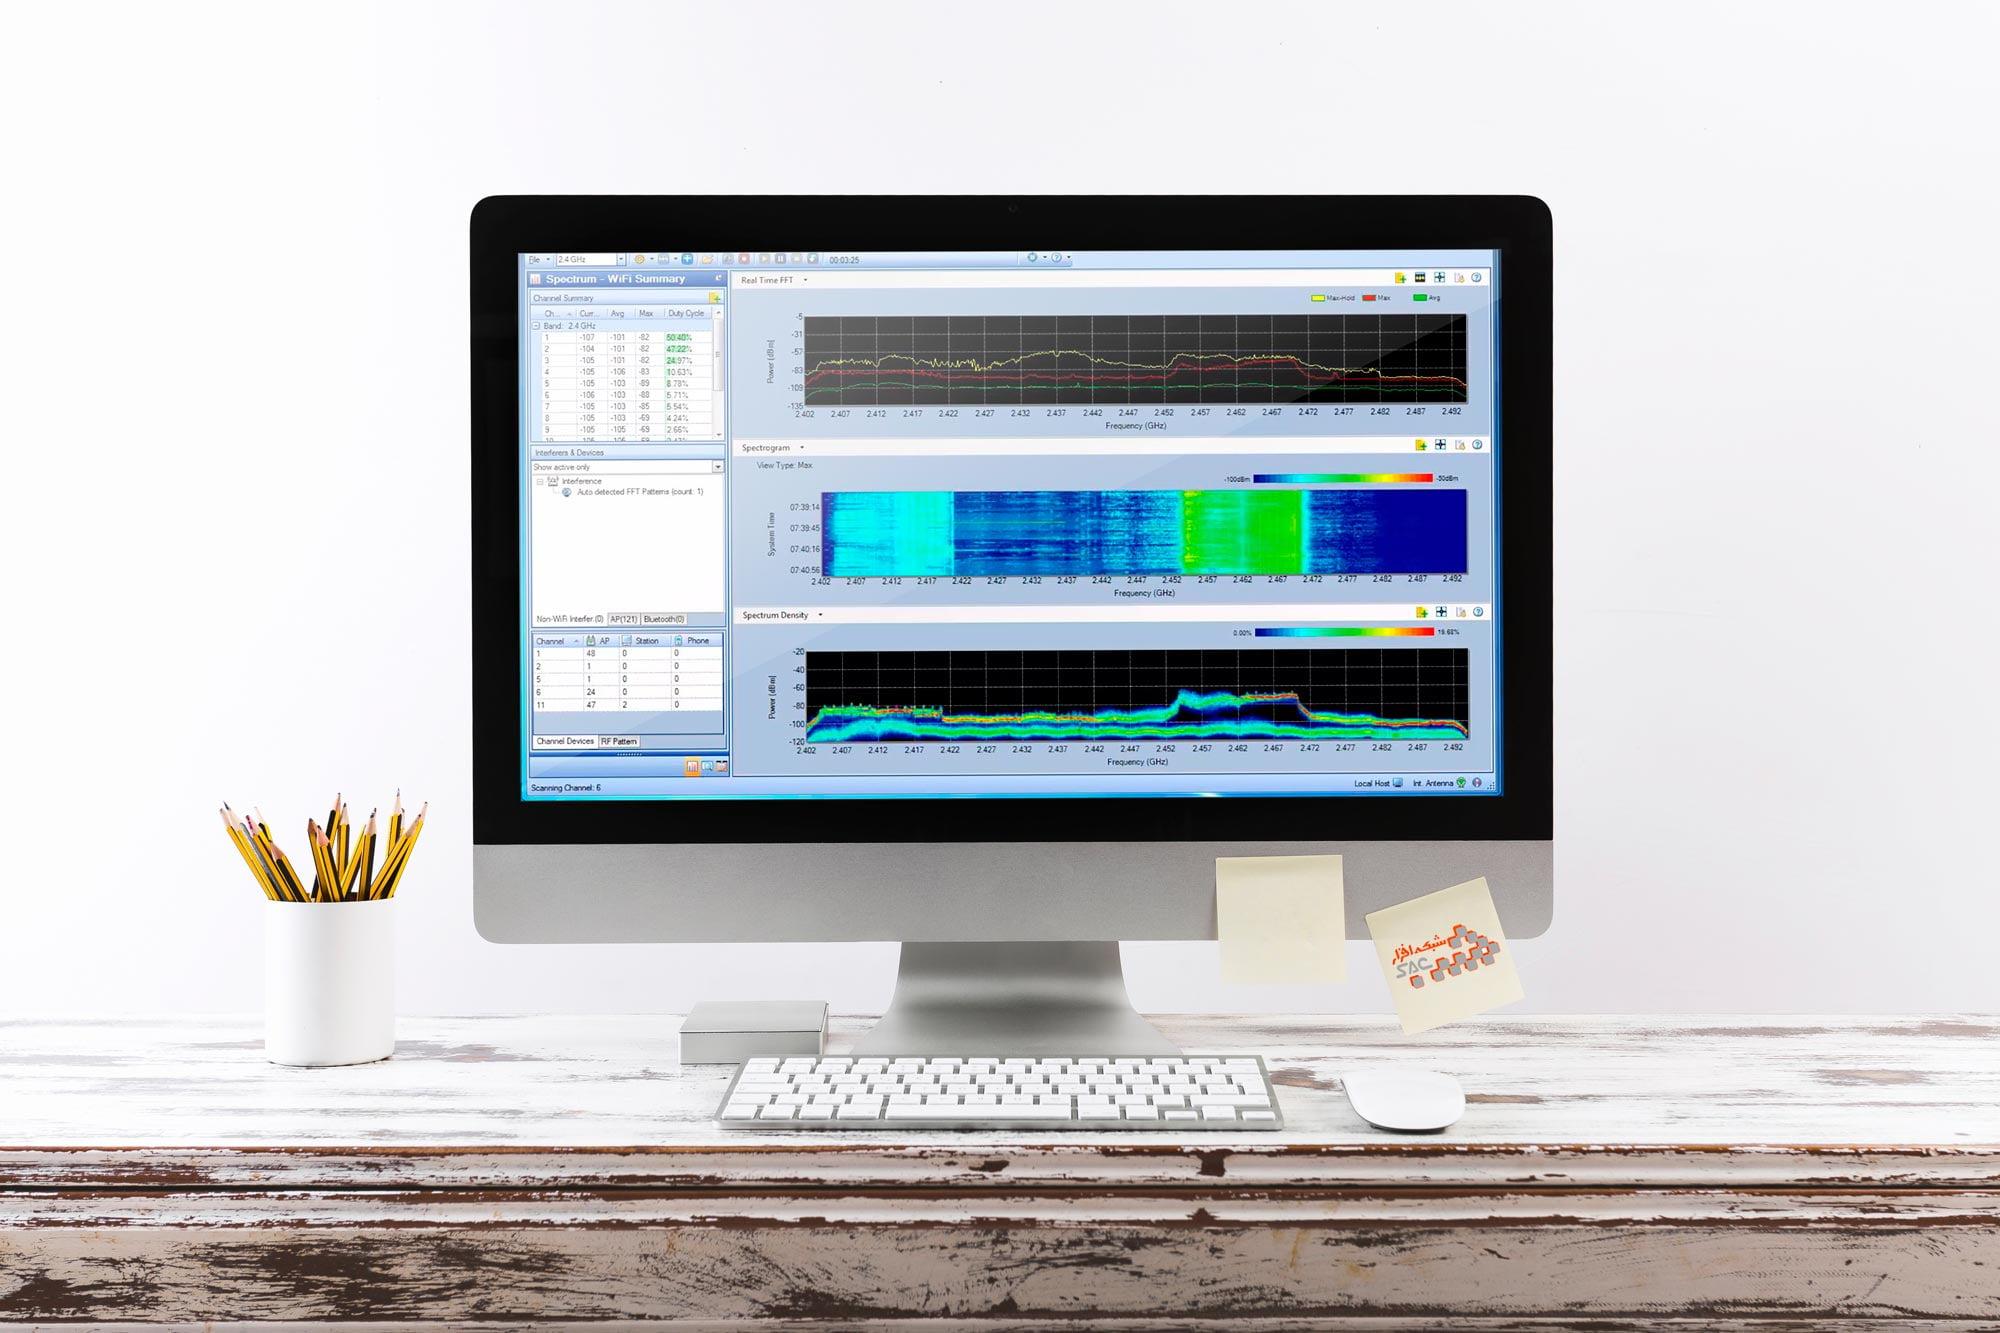 طراحی، توسعه و پیاده سازی سامانه صدور پروانه سرویس های رادیویی(طیف)